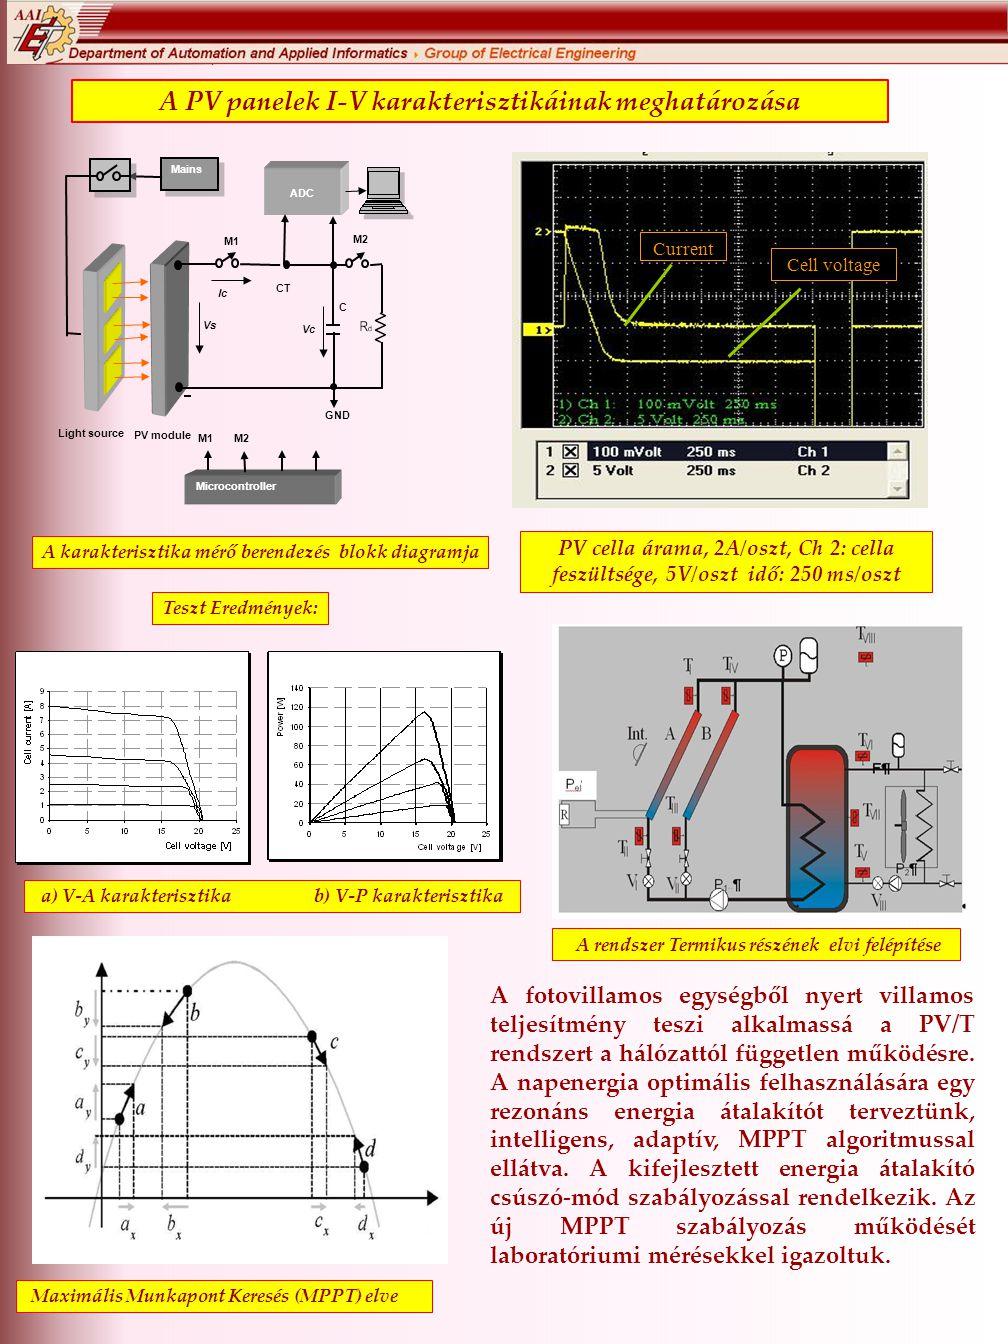 A PV panelek I-V karakterisztikáinak meghatározása Microcontroller Mains GND C Vc Vs Ic M2 M1 ADC PV module Light source CT M2 M1 A karakterisztika mérő berendezés blokk diagramja PV cella árama, 2A/oszt, Ch 2: cella feszültsége, 5V/oszt idő: 250 ms/oszt a) V-A karakterisztika b) V-P karakterisztika Teszt Eredmények: A rendszer Termikus részének elvi felépítése Current Cell voltage Maximális Munkapont Keresés (MPPT) elve A fotovillamos egységből nyert villamos teljesítmény teszi alkalmassá a PV/T rendszert a hálózattól független működésre.